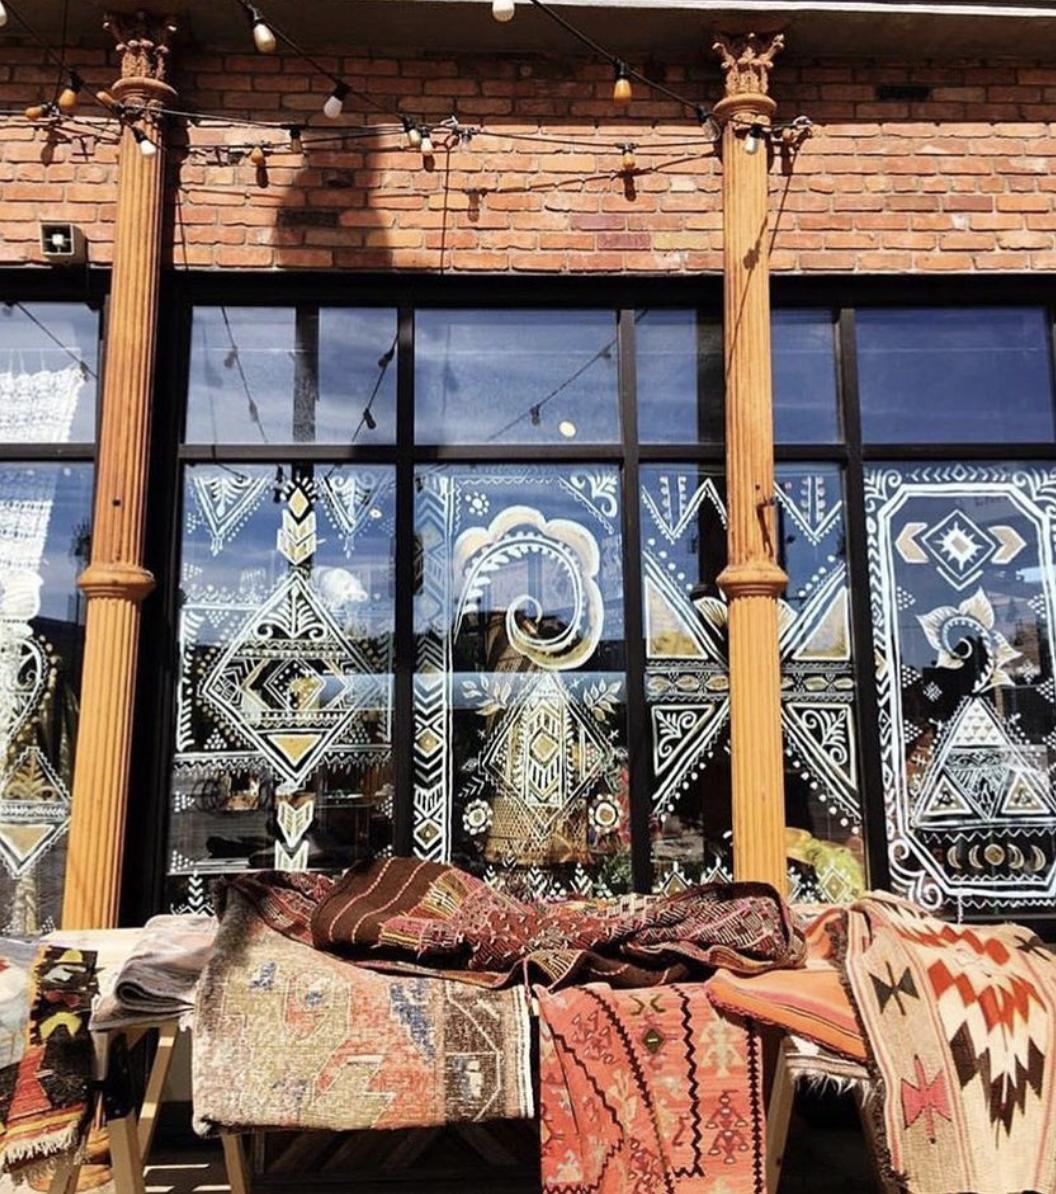 The Good Rug outside of Eldorado General Store via @thegoodrug